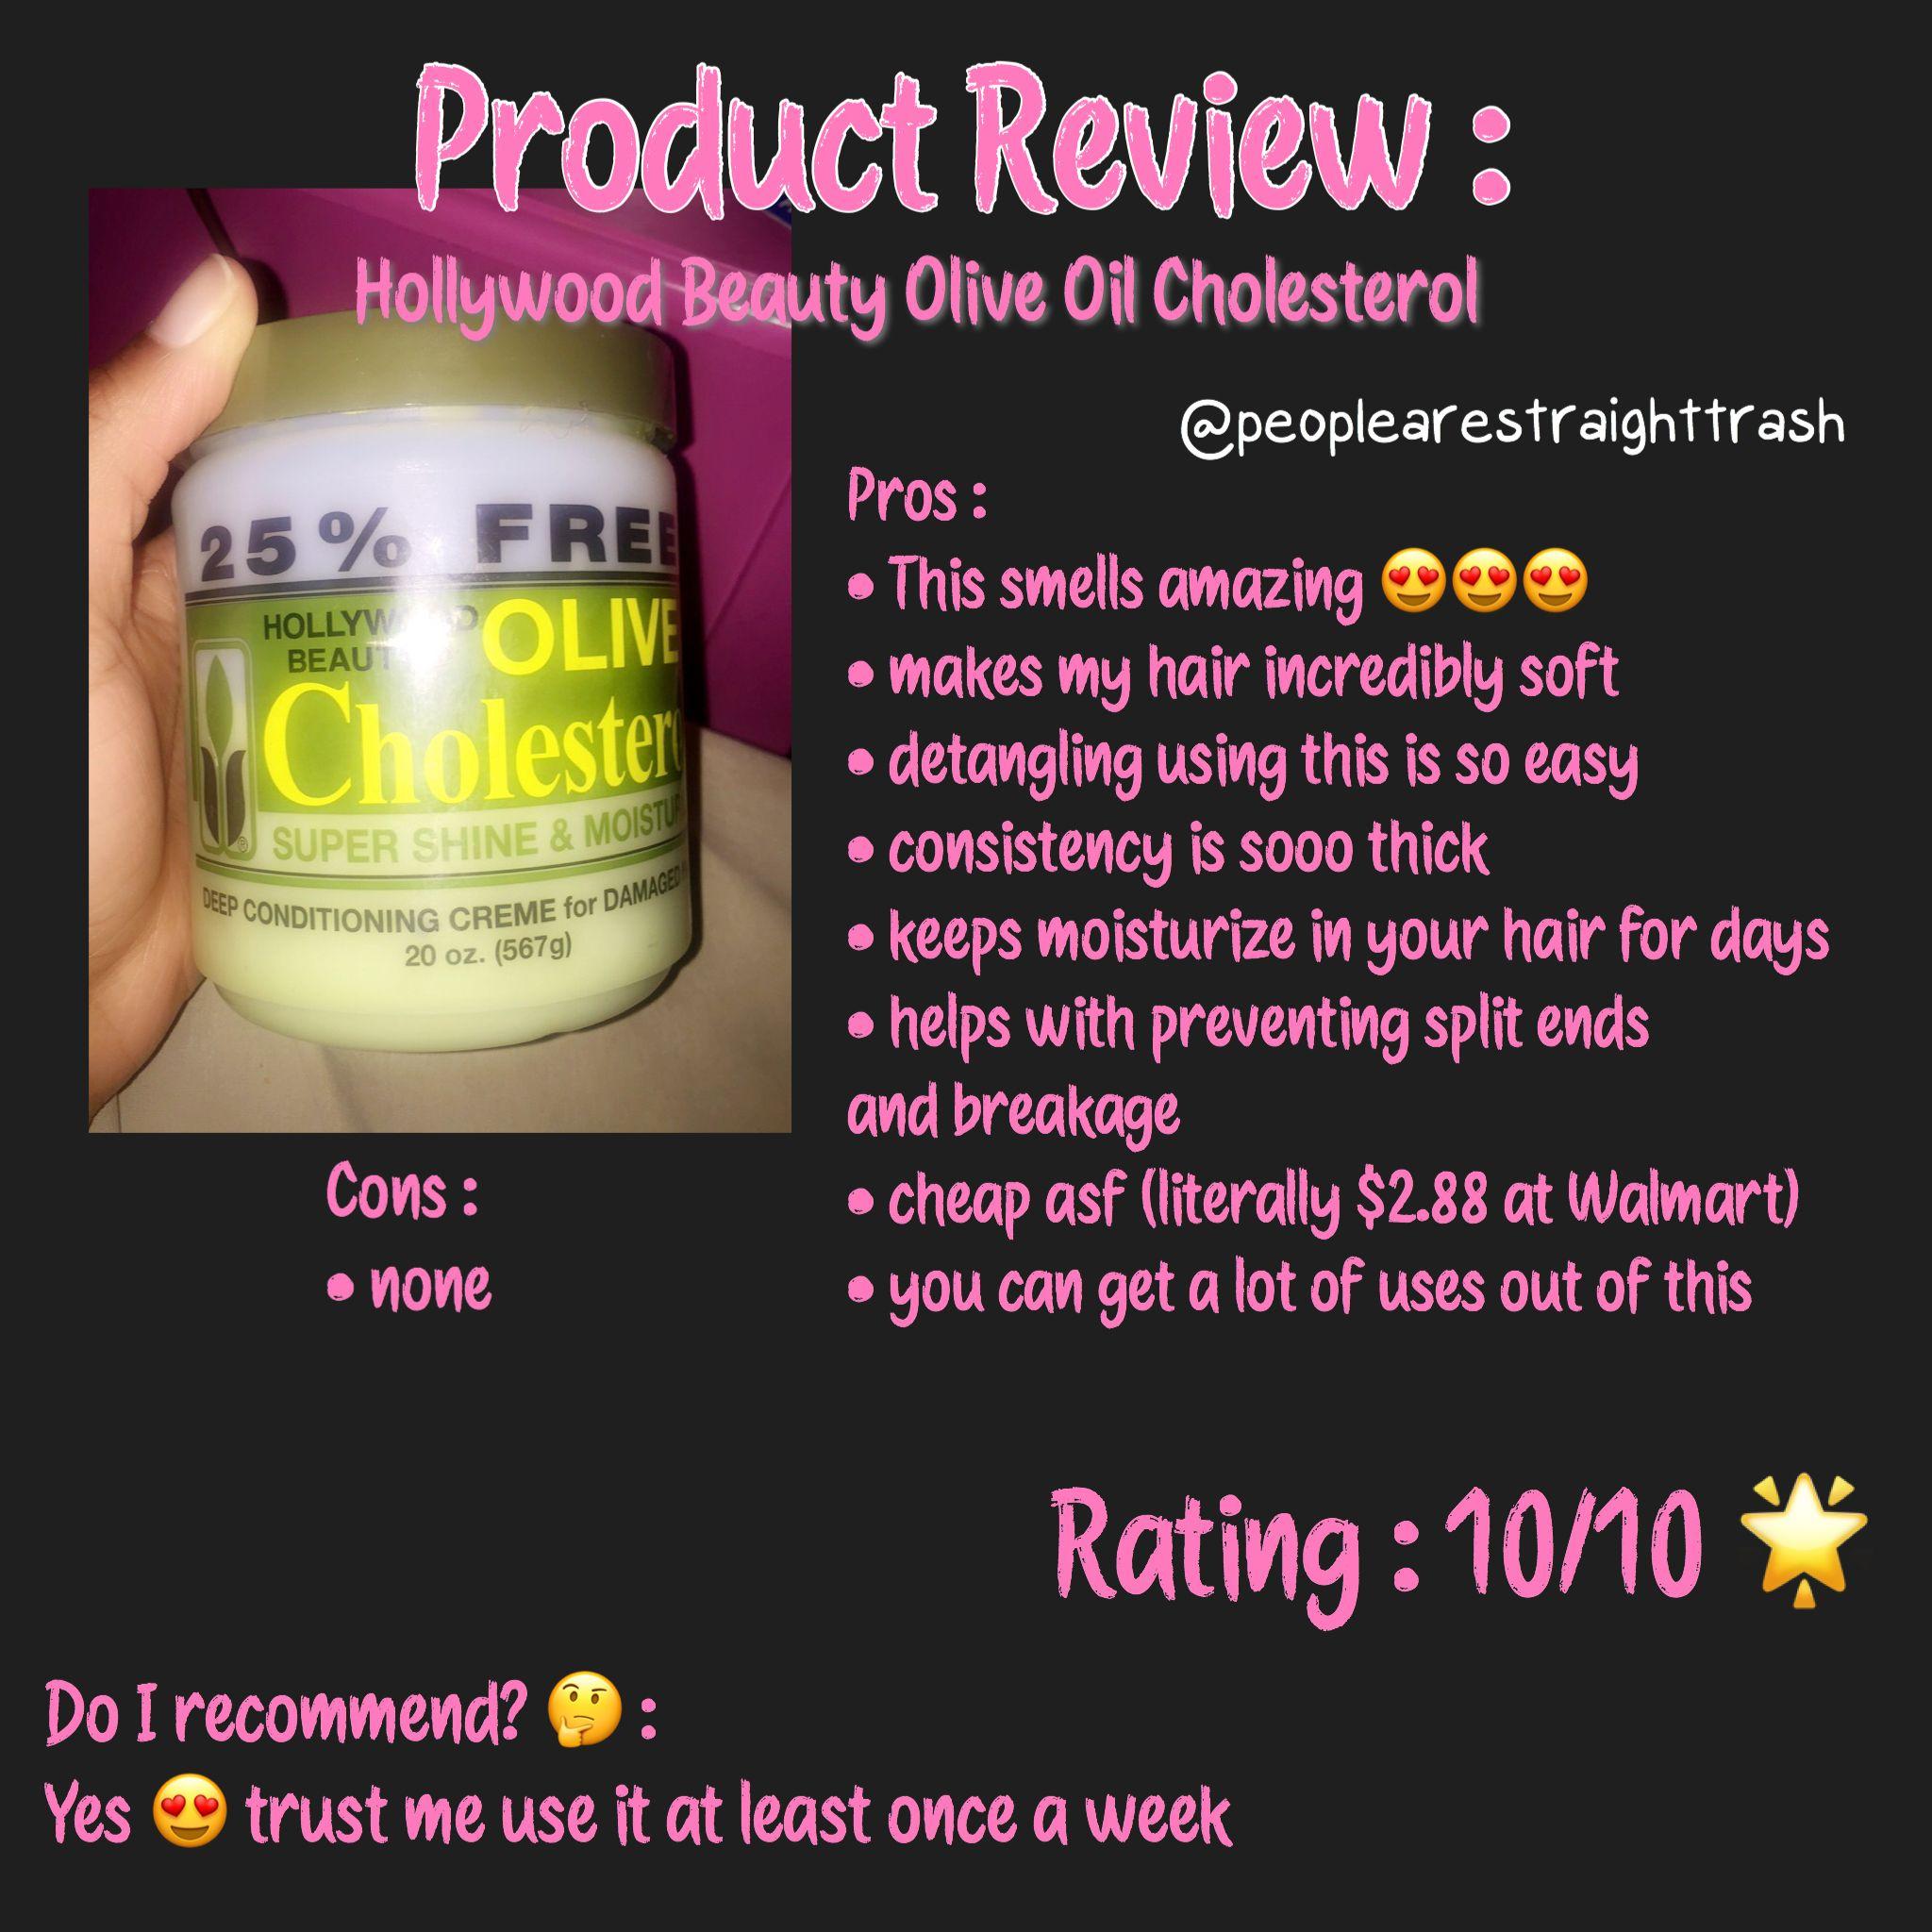 Olive oil cholesterol 🥑 Follow peoplearestraighttrash